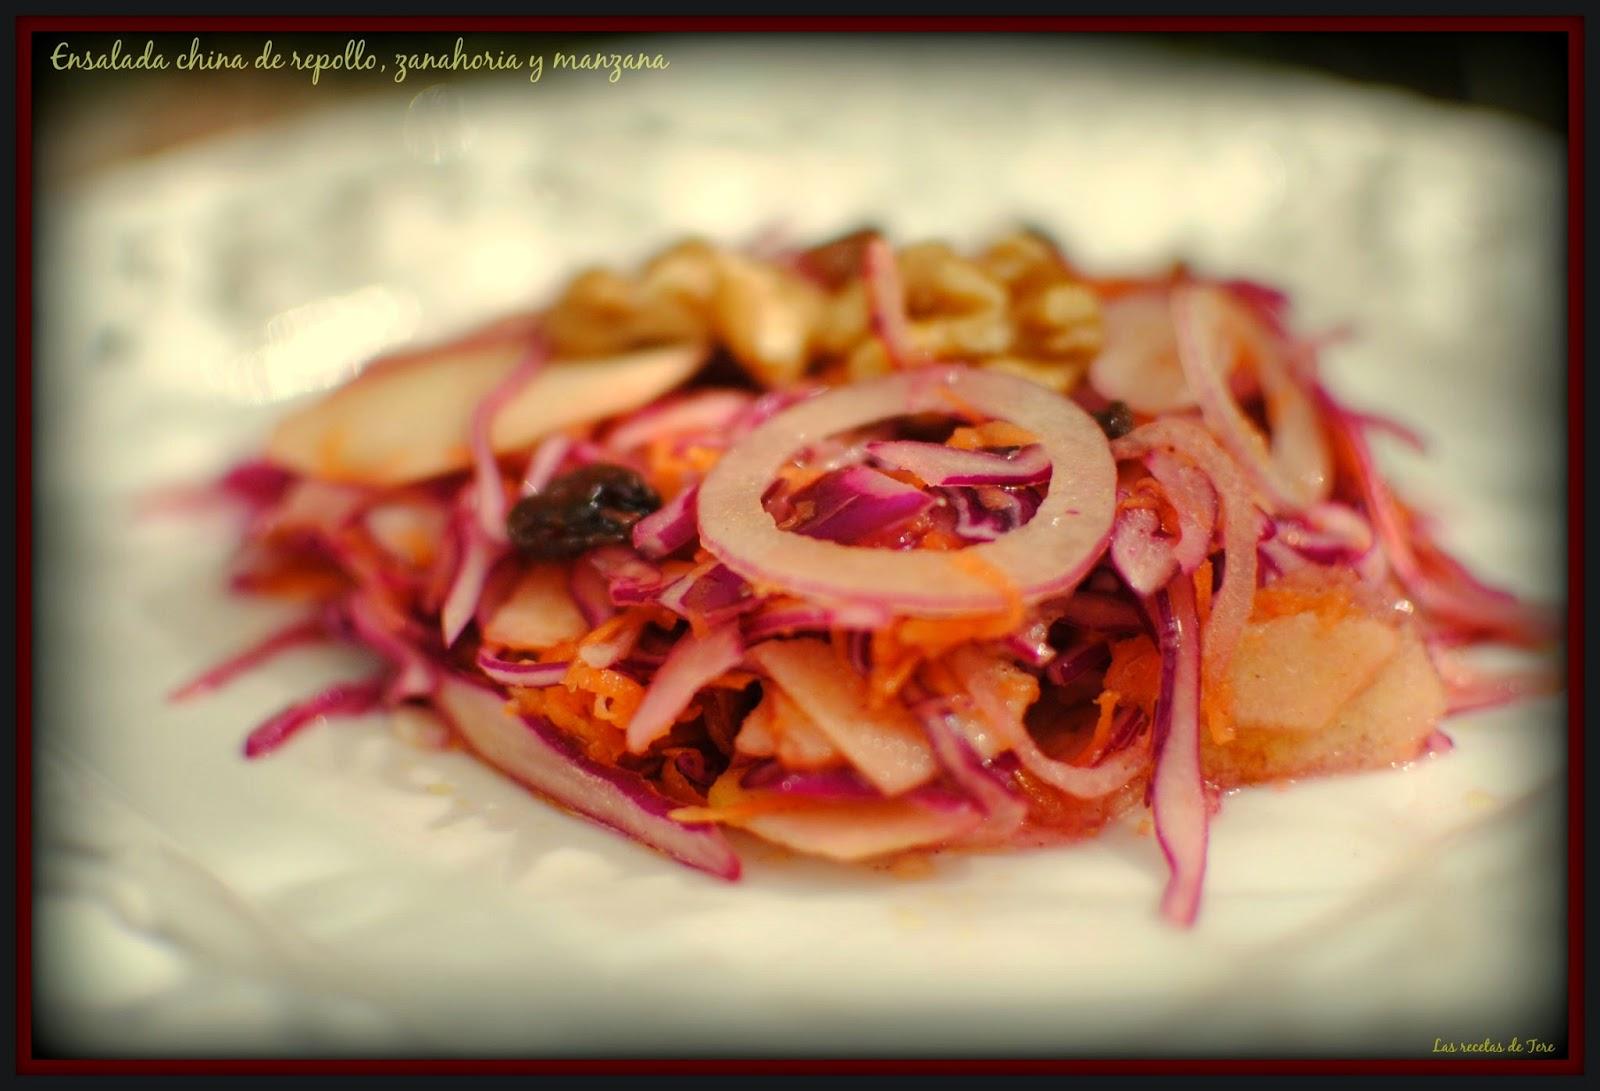 ensalada china de repollo zanahoria y manzana 03